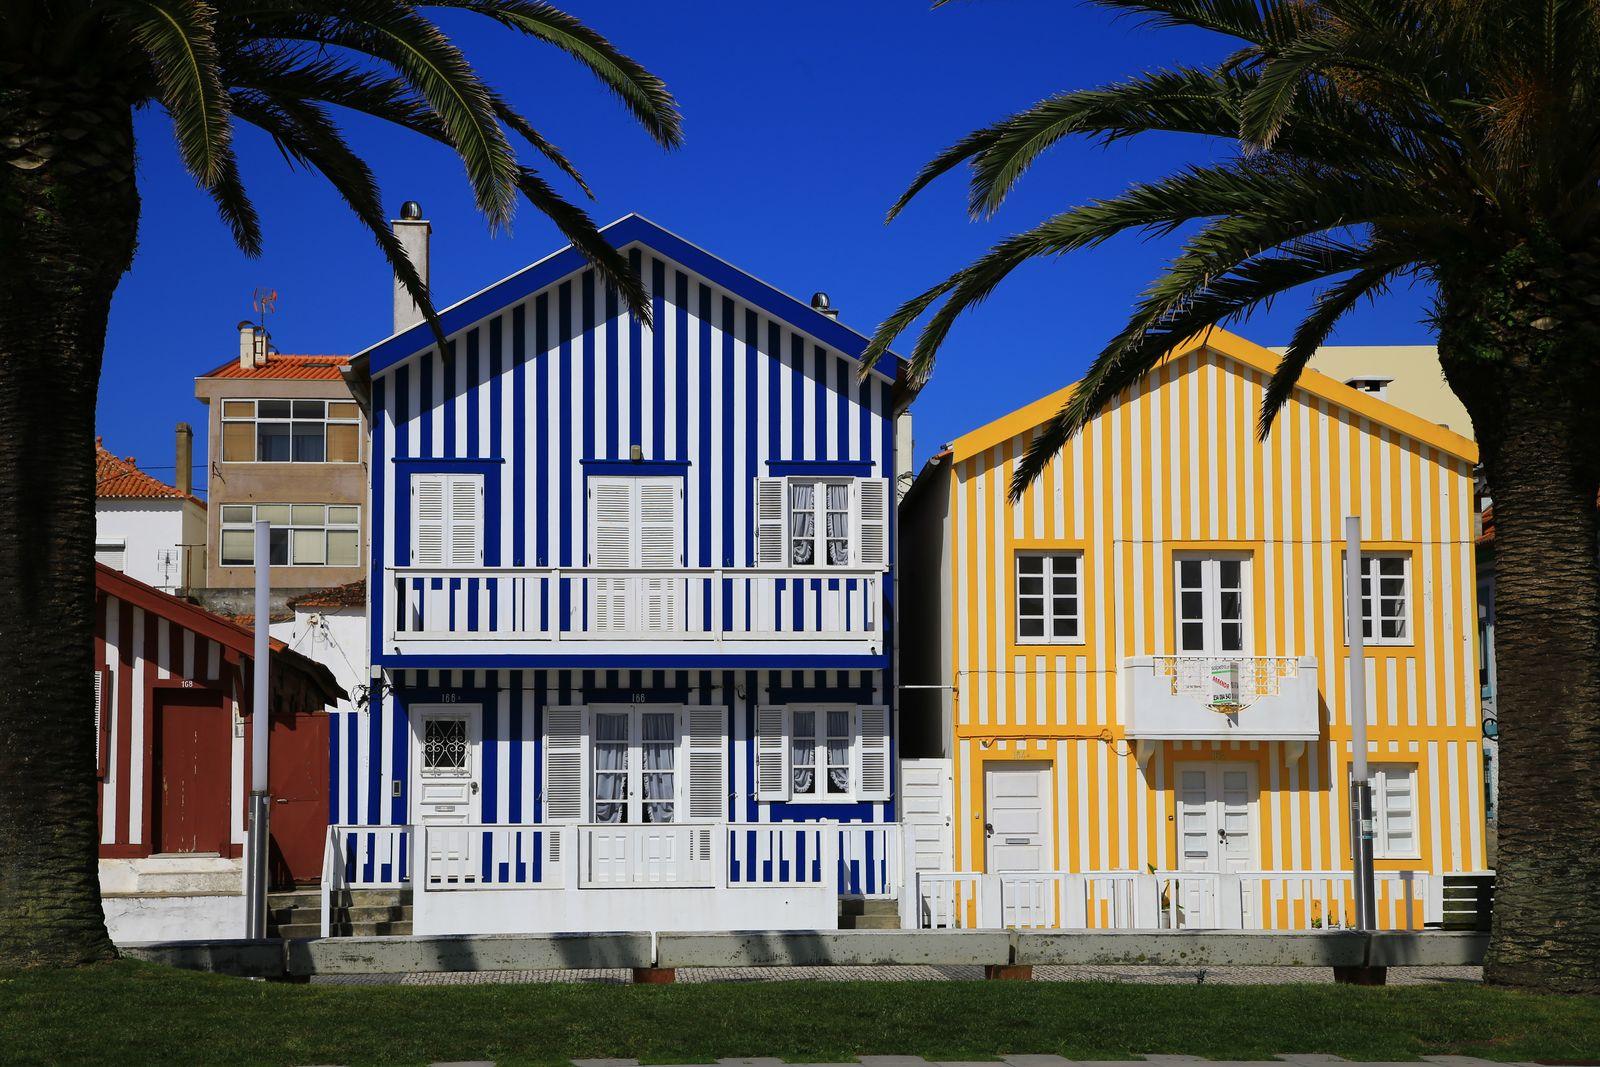 코스타 노바의 명물은 오색찬란한 줄무늬 집이다.